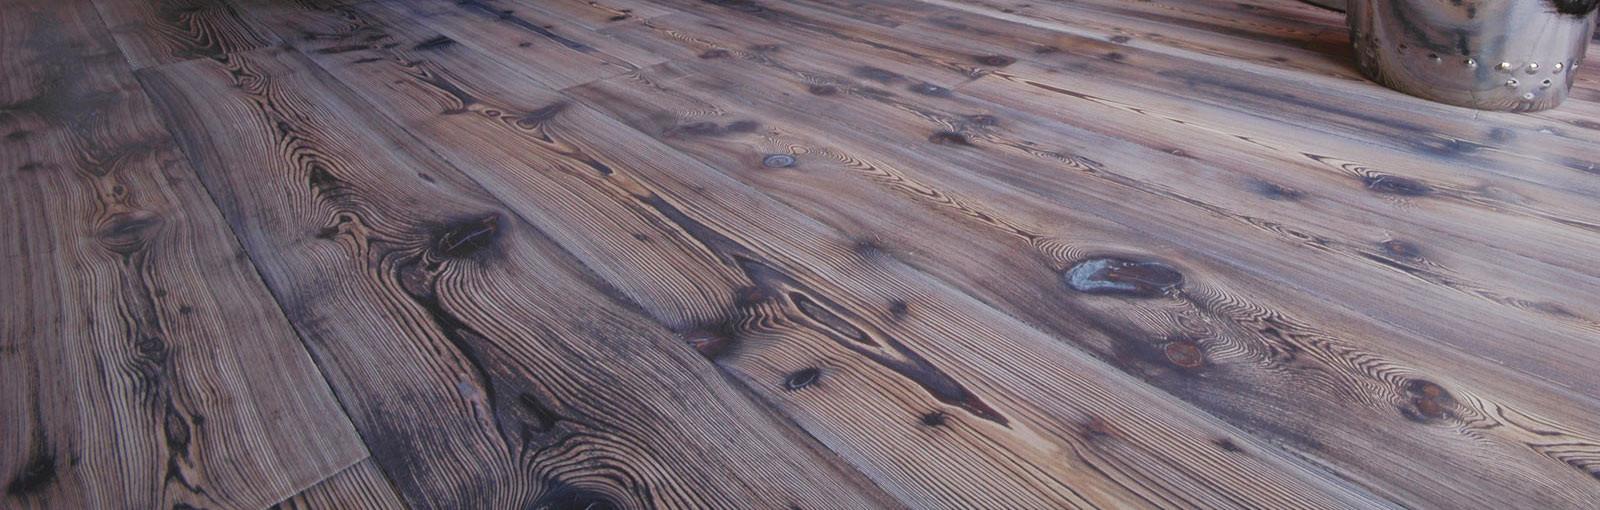 plank hardwood flooring canada of hardwood westfloors west vancouver hardwood flooring carpet pertaining to hardwood westfloors west vancouver hardwood flooring carpet laminate floors tiles bamboo cork west vancouver flooring design center